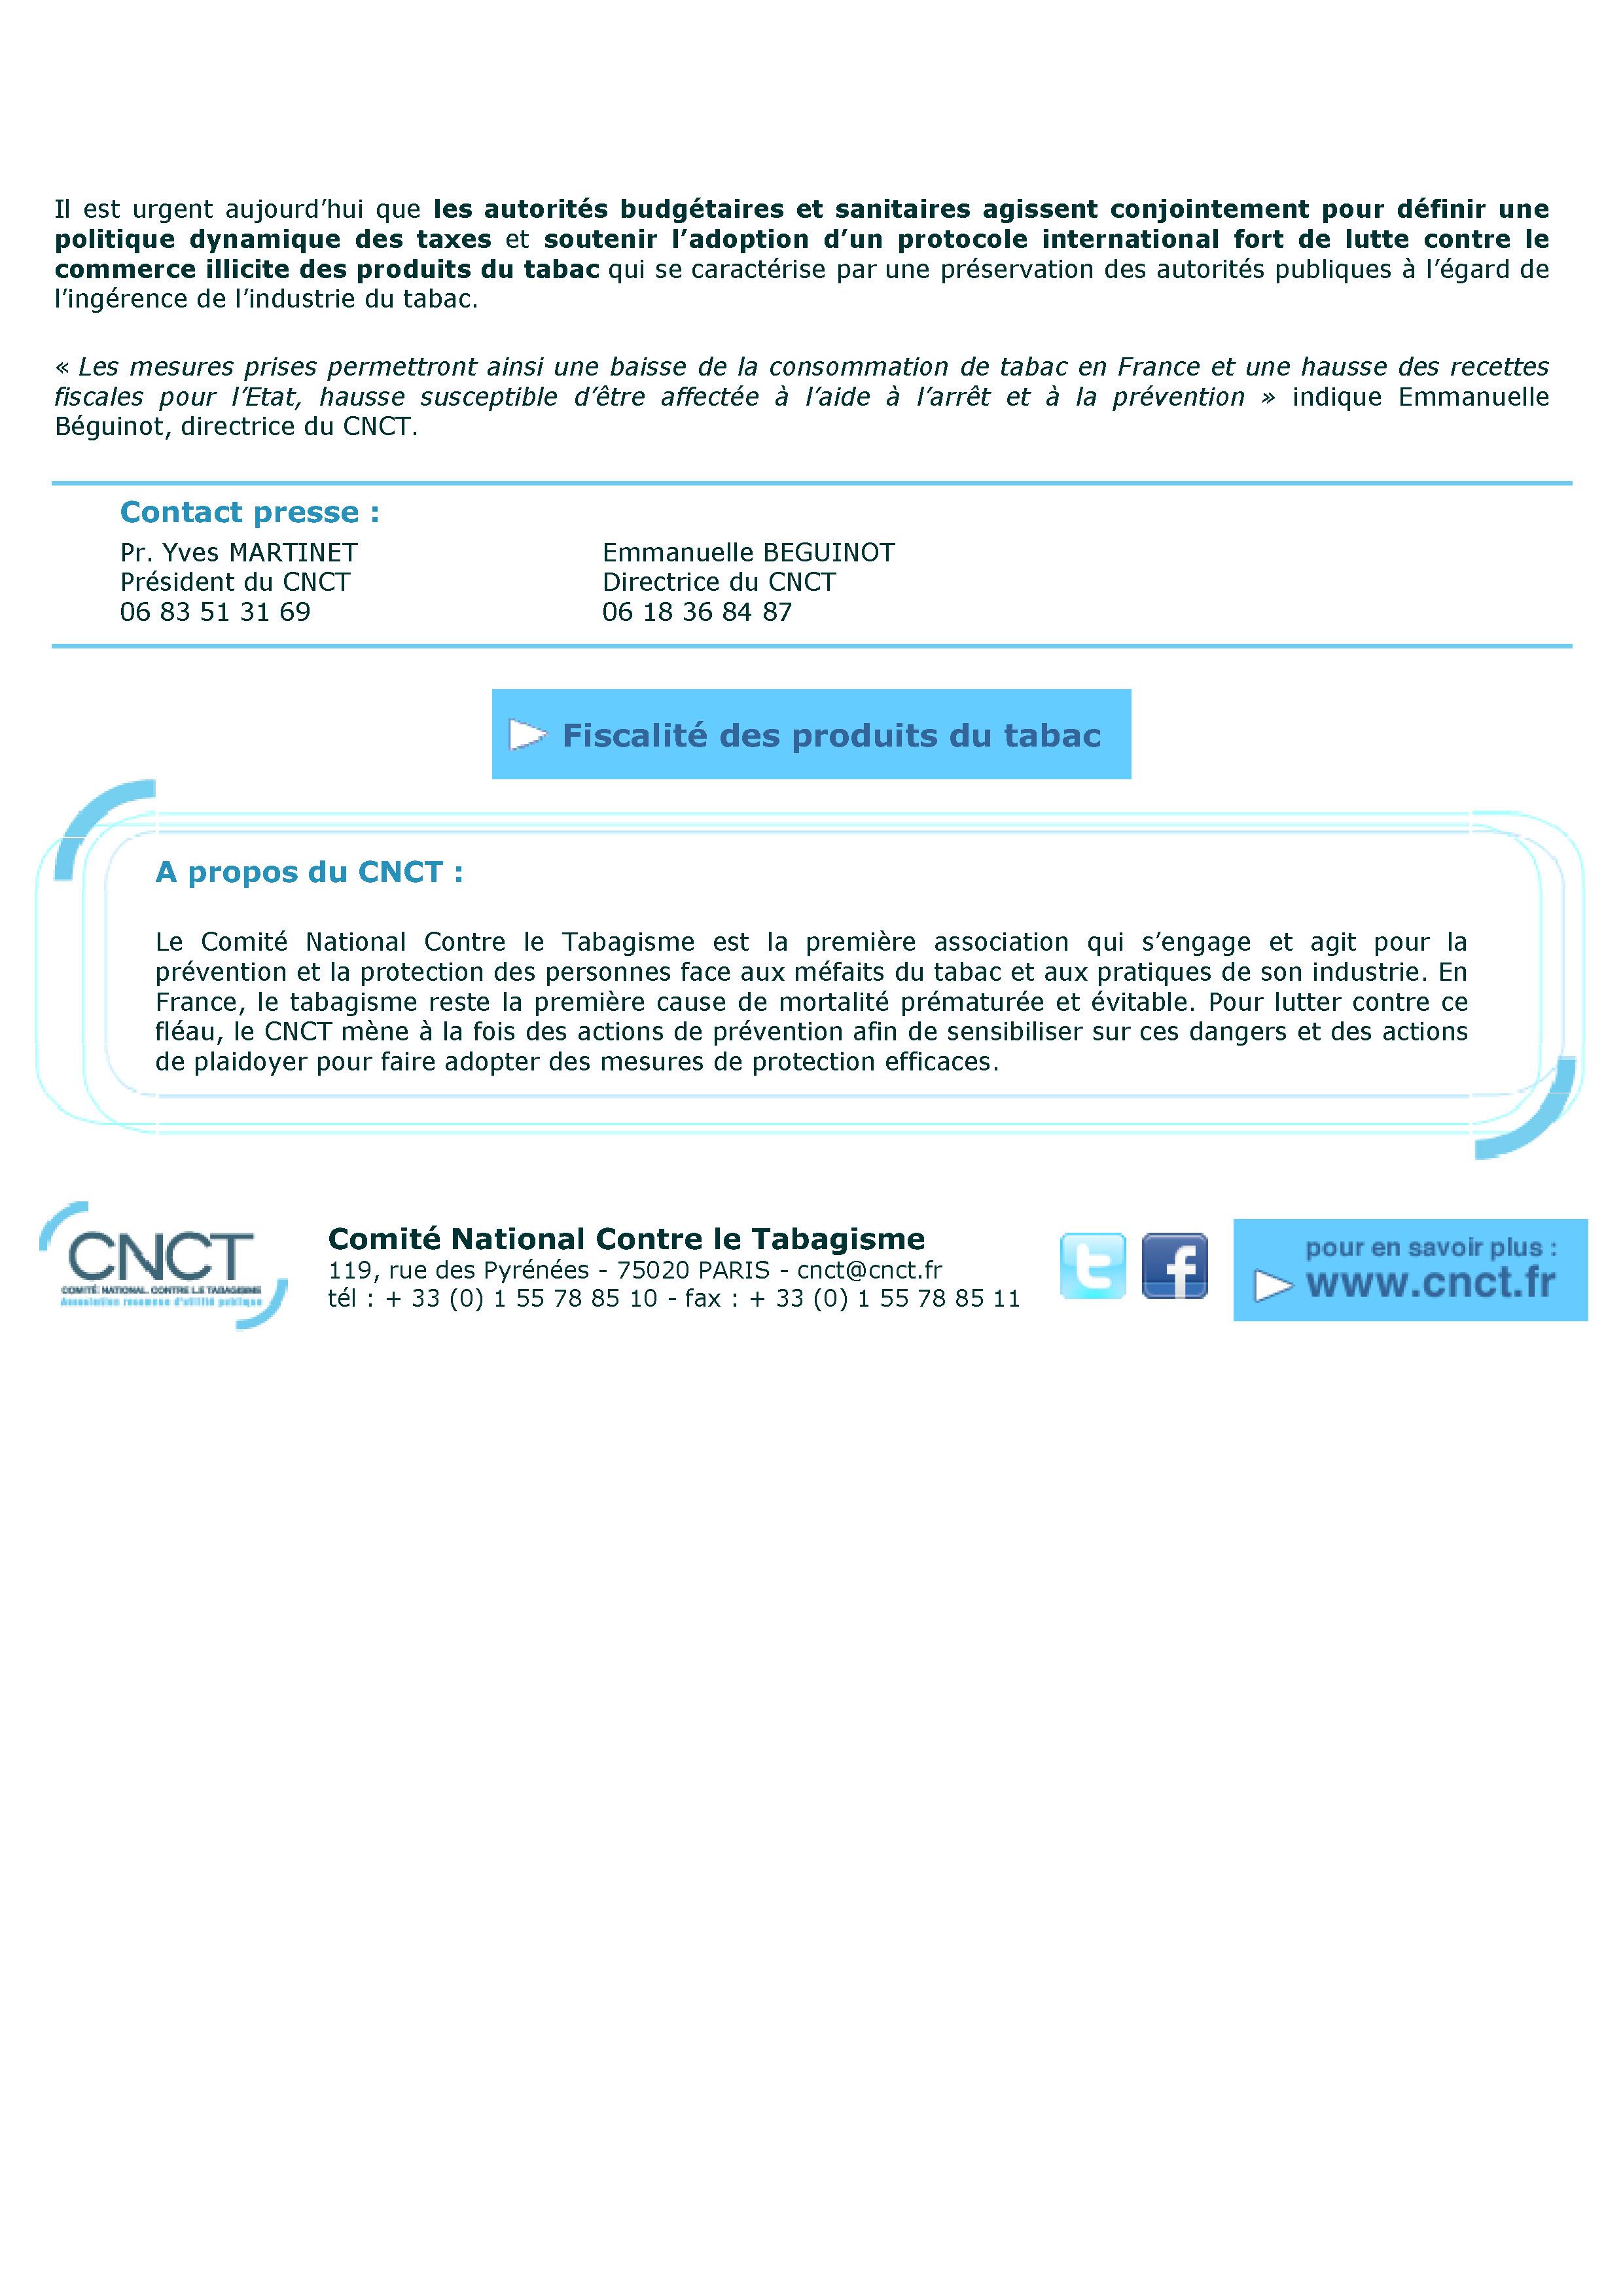 CNCT-CP_lutte-contre-la-contrebande-et-adoption-de-mesures-fortes-vont-de-pair-13sept2011_Page_2.jpg